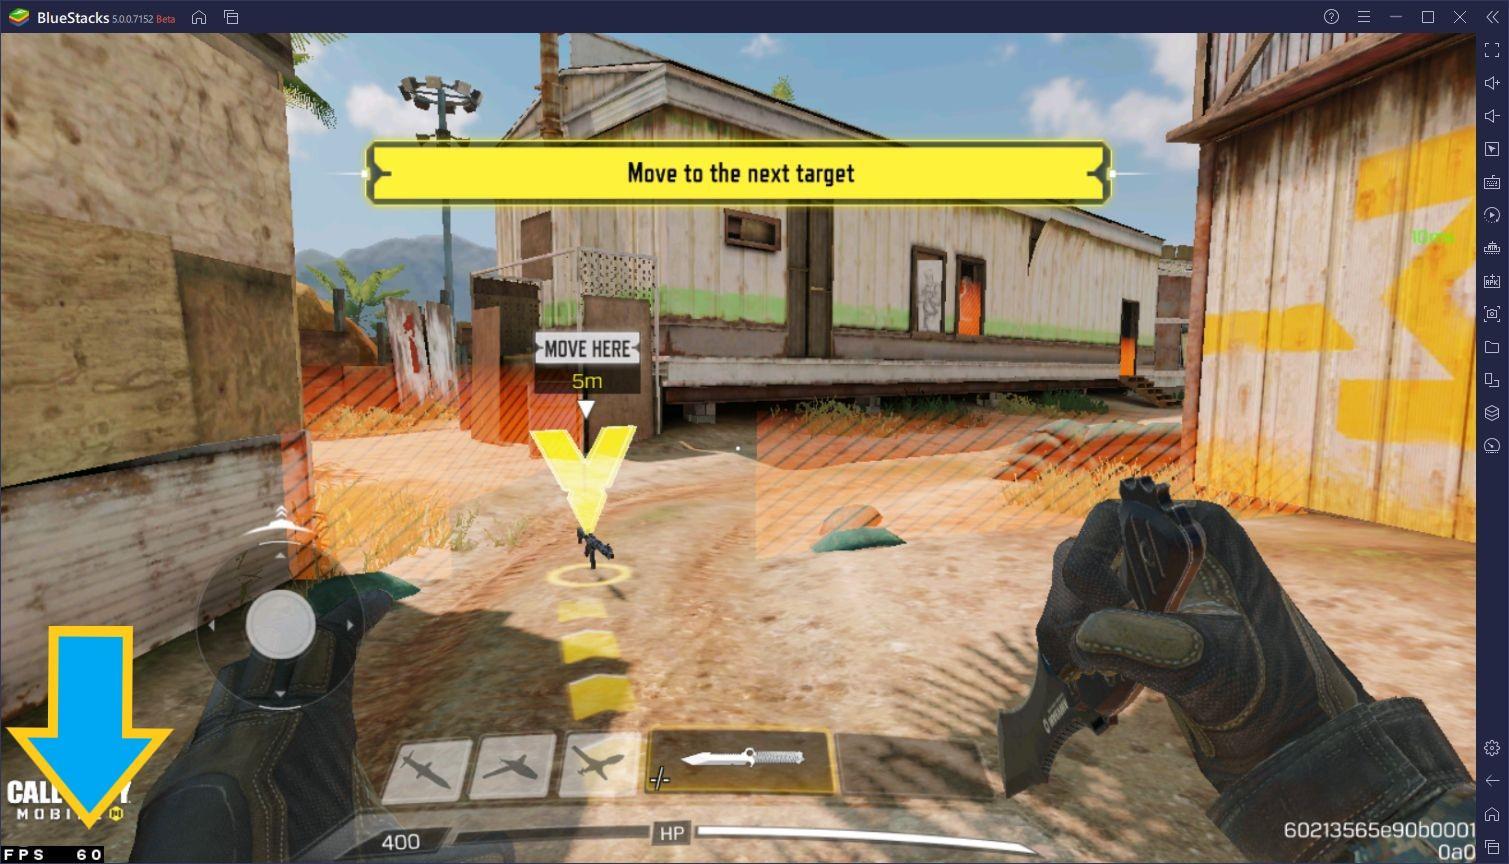 BlueStacks 5 – Liberte a experiência em jogos para PC que você sempre sonhou